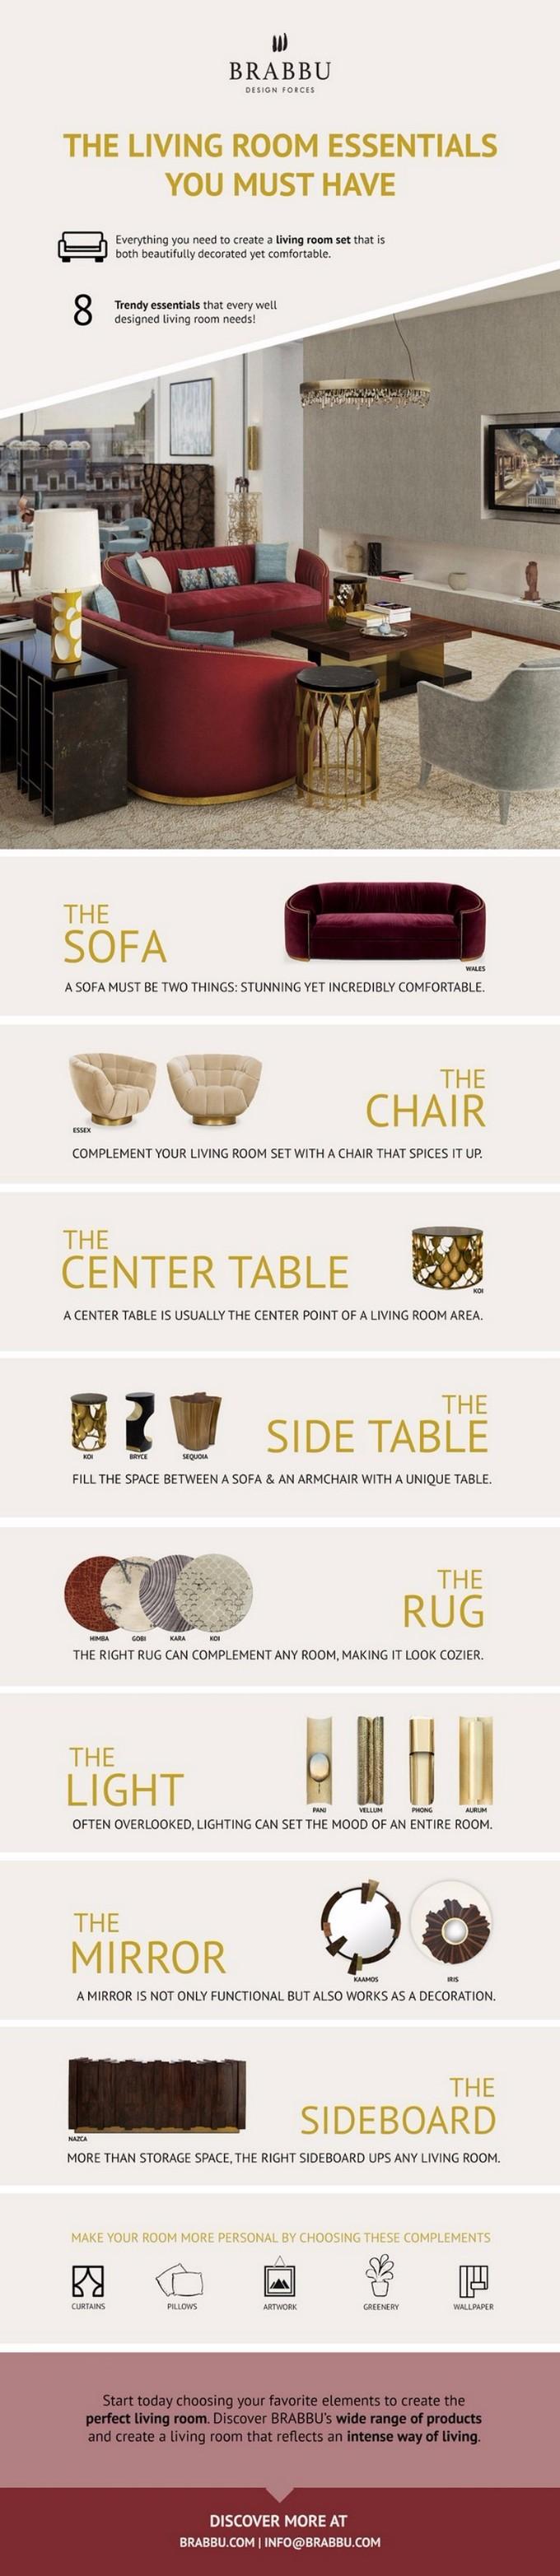 EIN TRENDY AUSWAHL FÜR IHR WOHNZIMMER DESIGN wohnzimmer design EIN TRENDY AUSWAHL FÜR IHR WOHNZIMMER DESIGN trendy essentials for you living room set 1